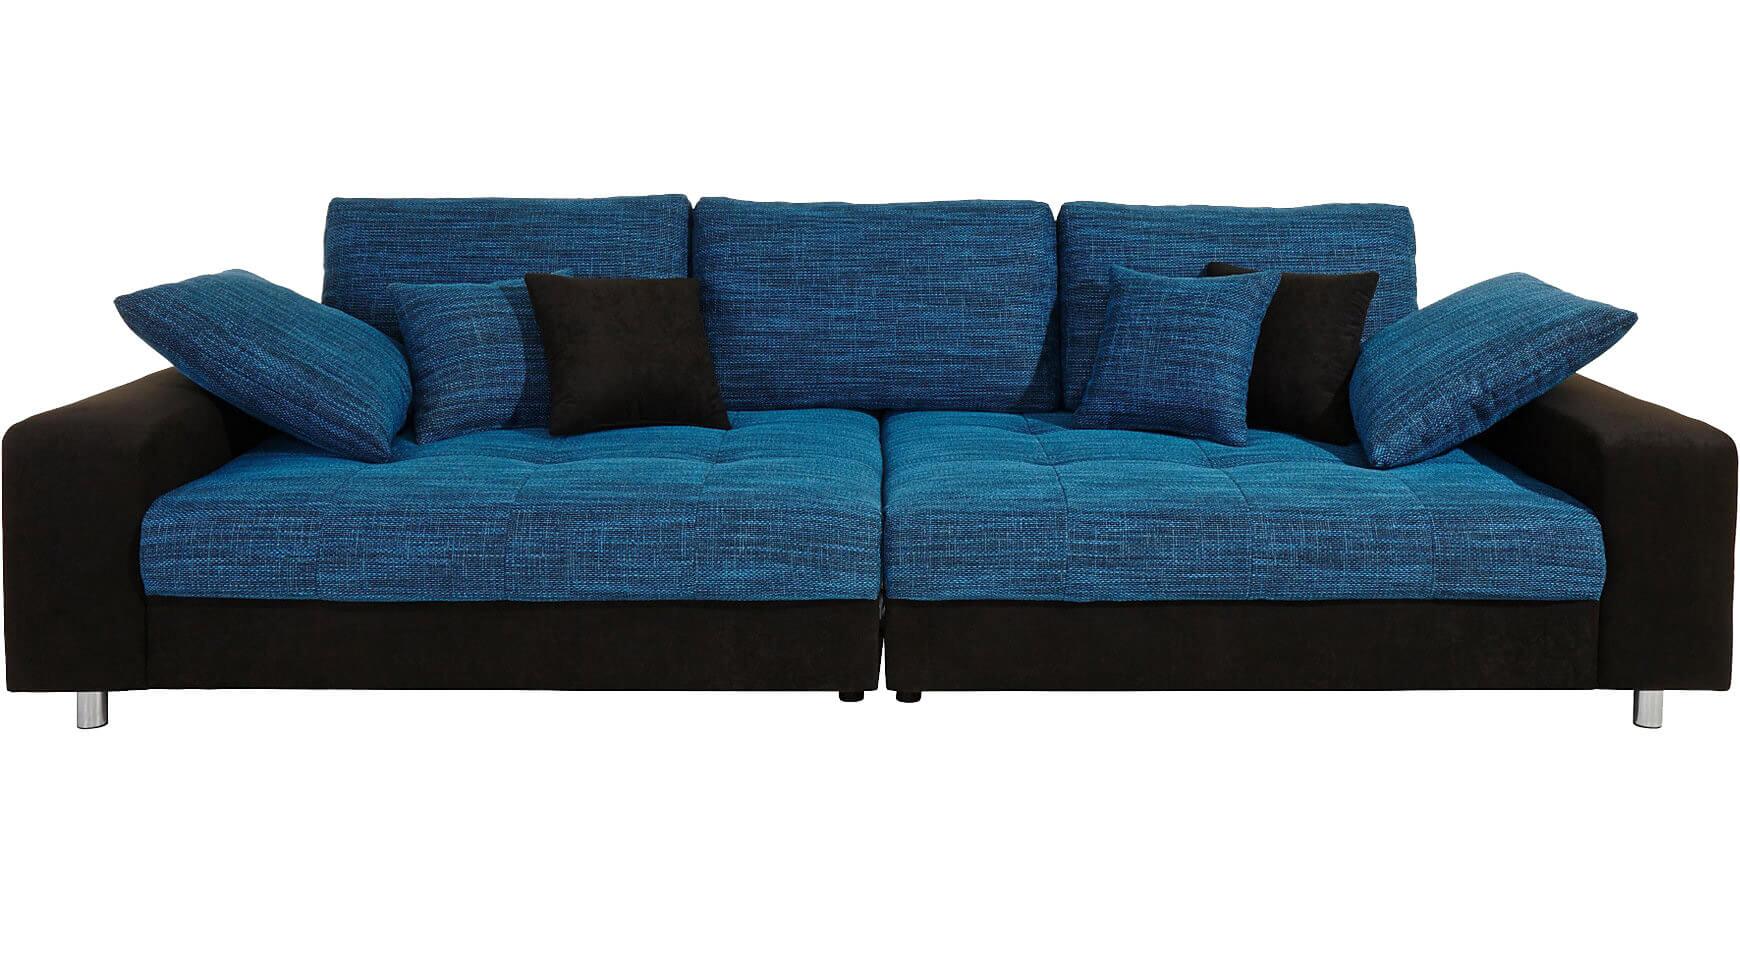 Full Size of Big Sofa Mit Schlaffunktion Xxl Couch Extragroe Sofas Bestellen Bei Cnouchde Ligne Roset Kolonialstil Hussen Boxen Boxspring Chesterfield Leder L Form Sofa Big Sofa Mit Schlaffunktion